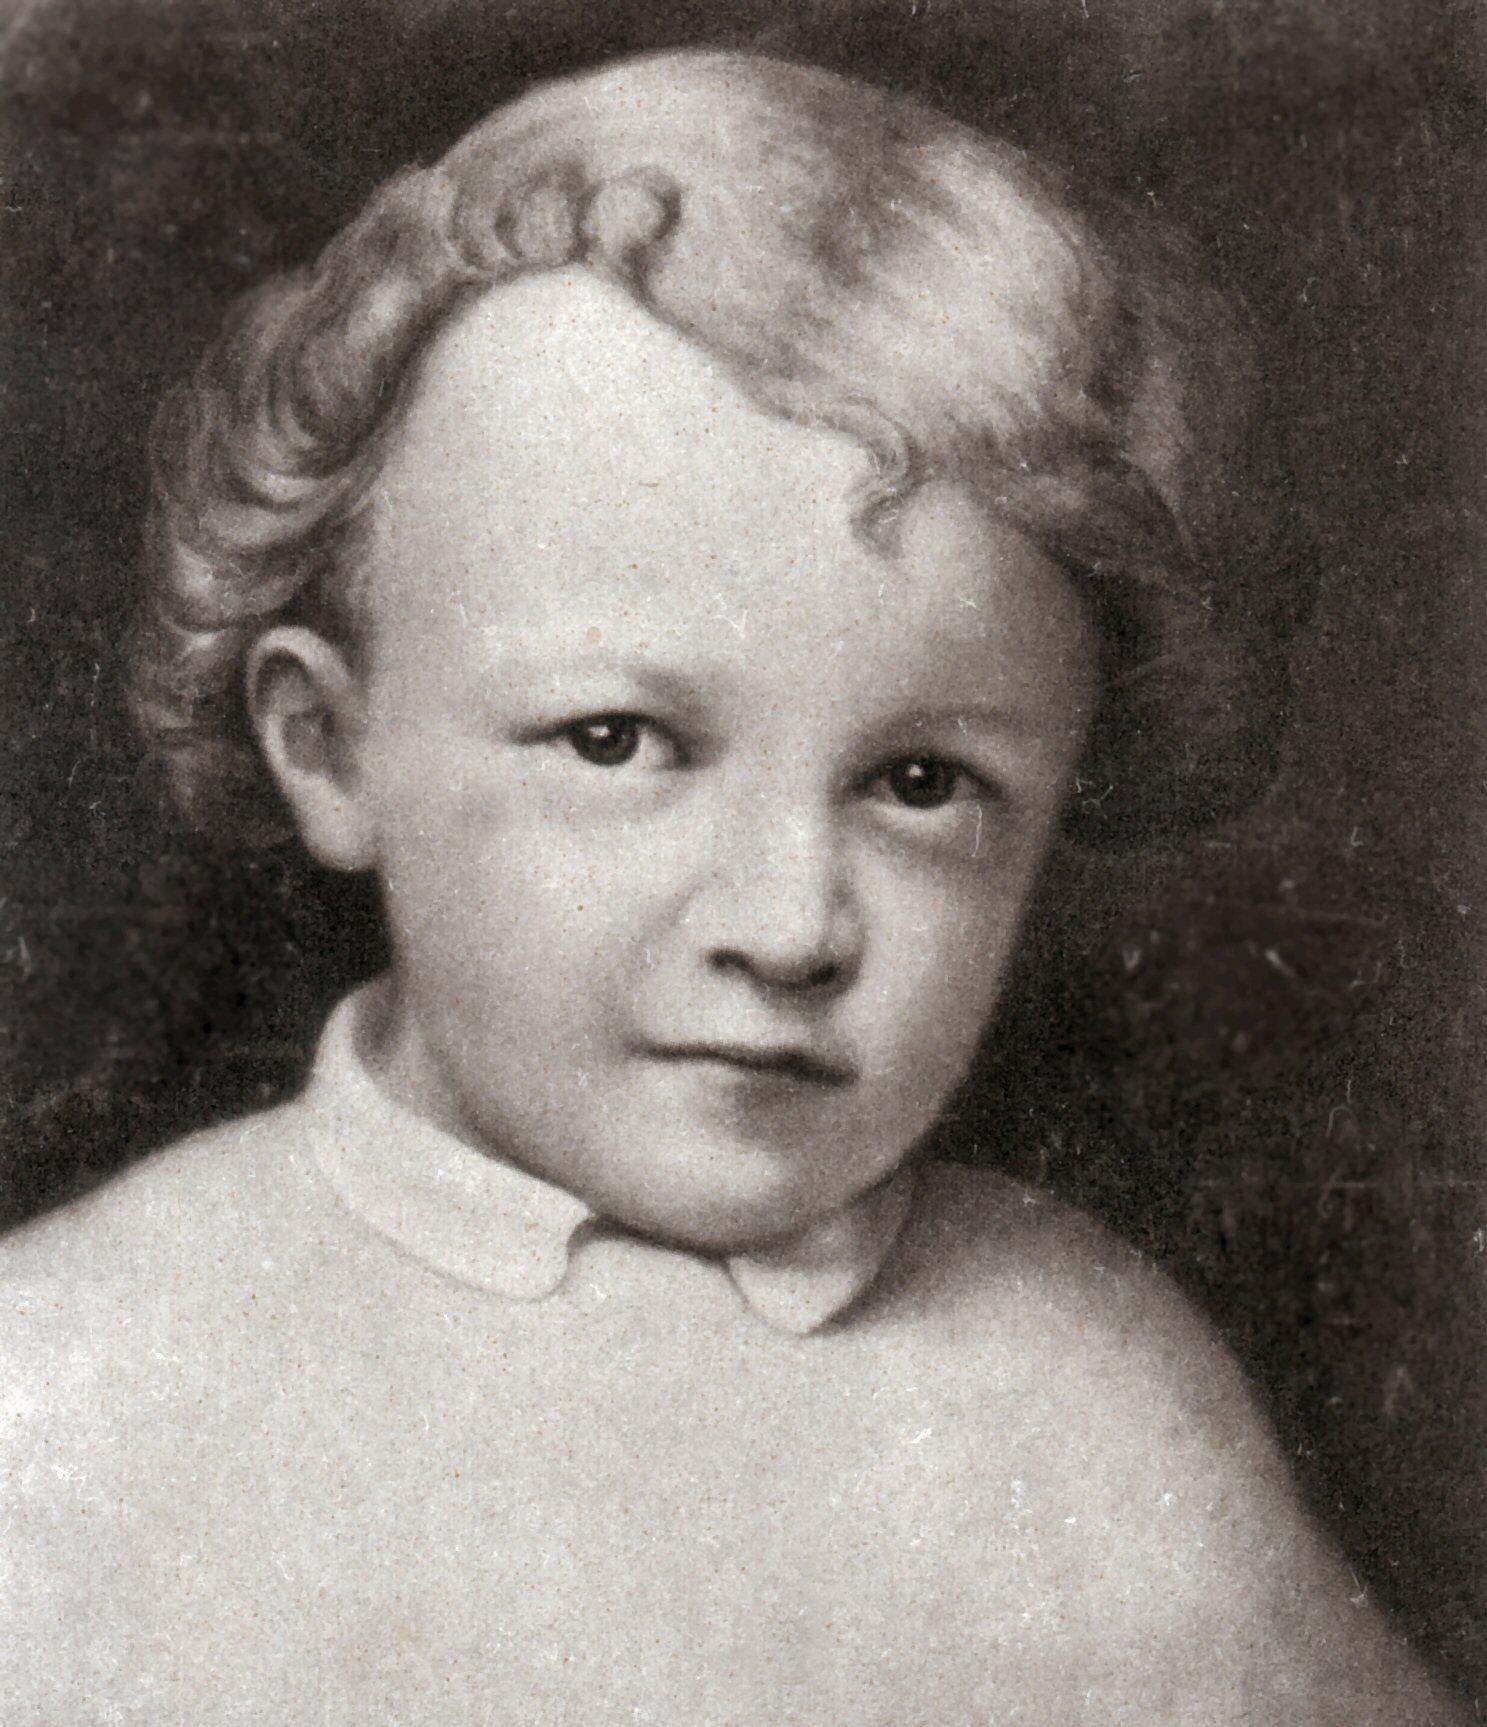 Vladimir Ilyich Ulyanov Lenin, Age 4